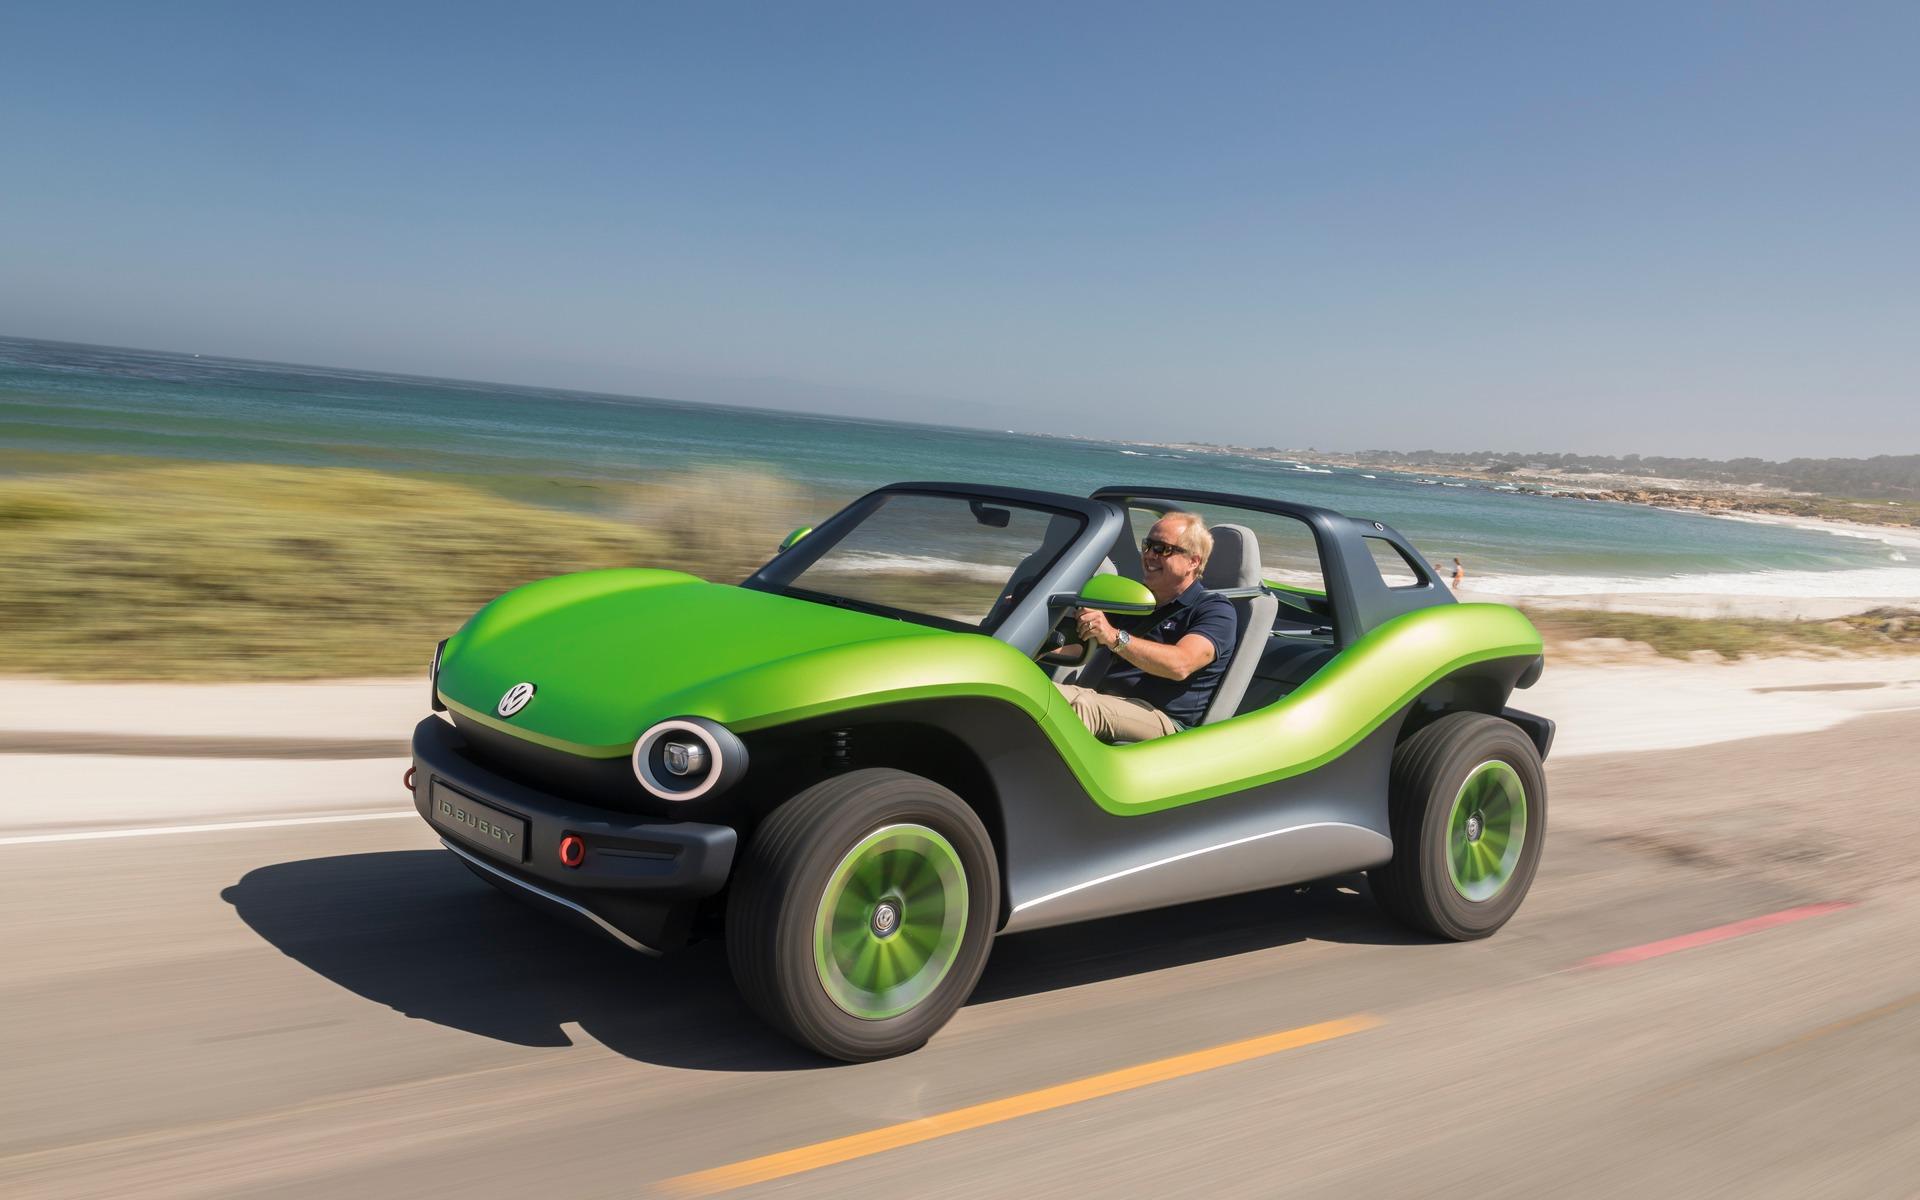 Le concept Volkswagen ID. BUGGY remporte un prix pour son design